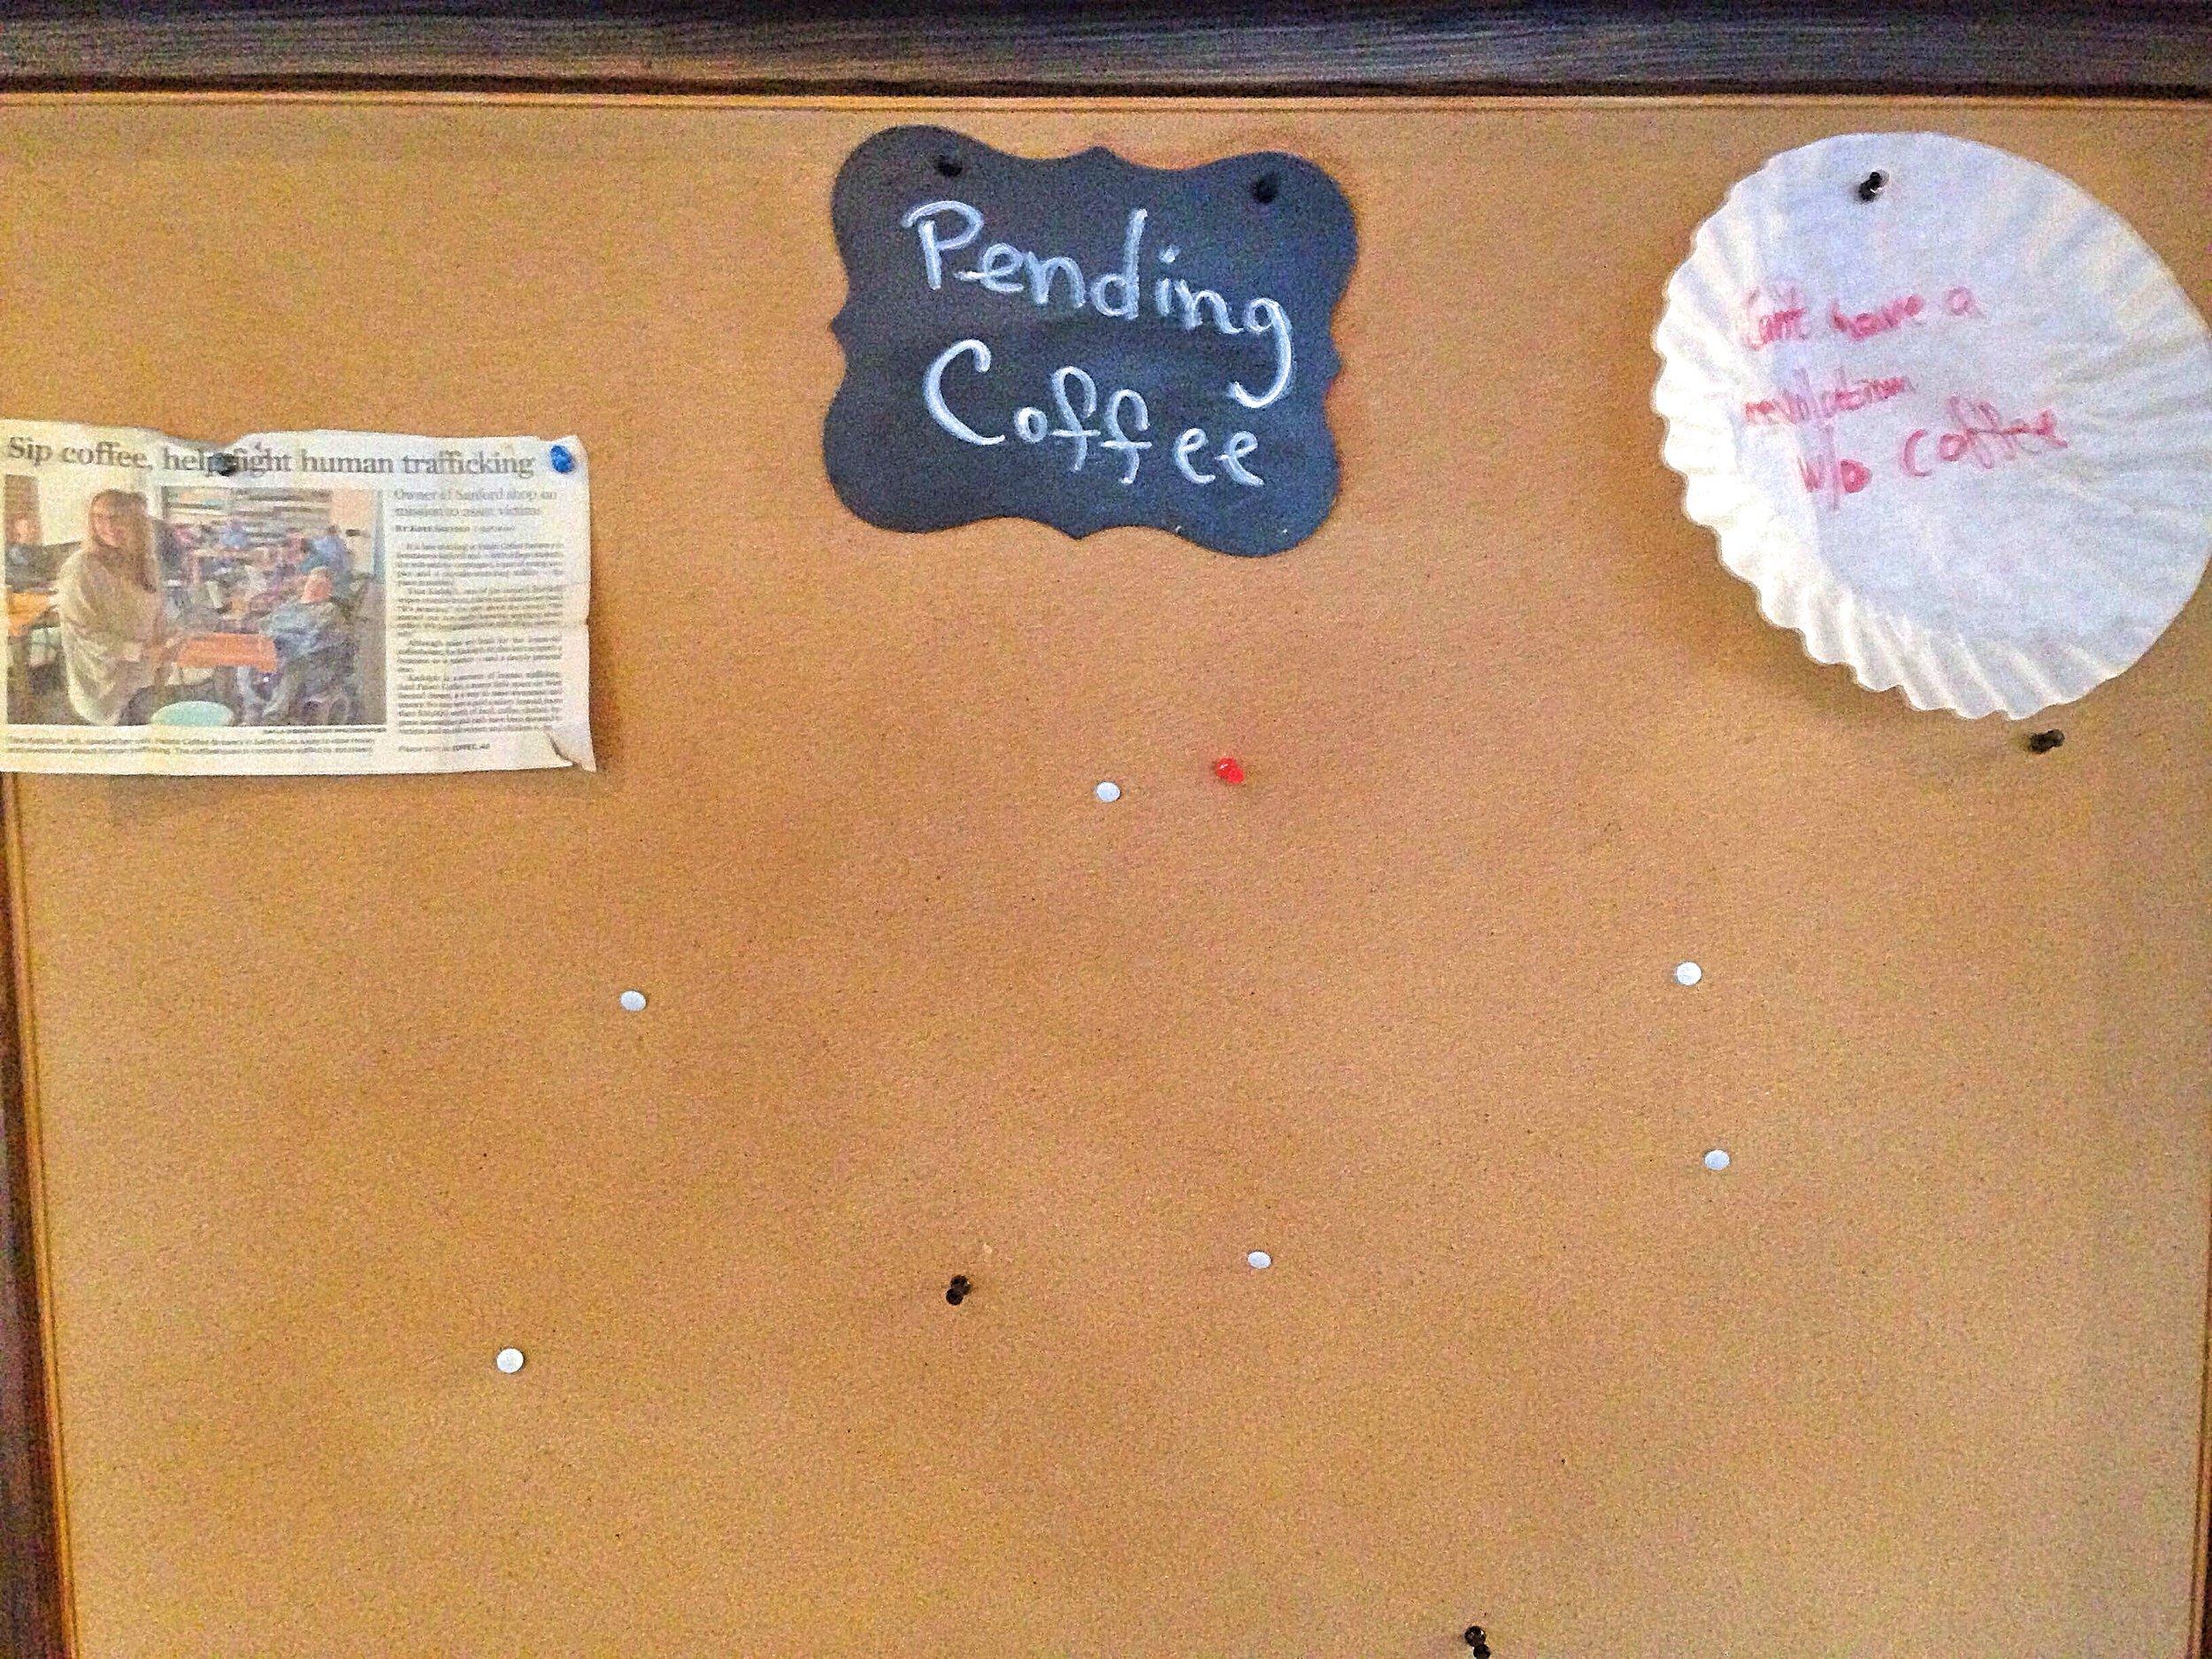 Pending Coffee.jpg